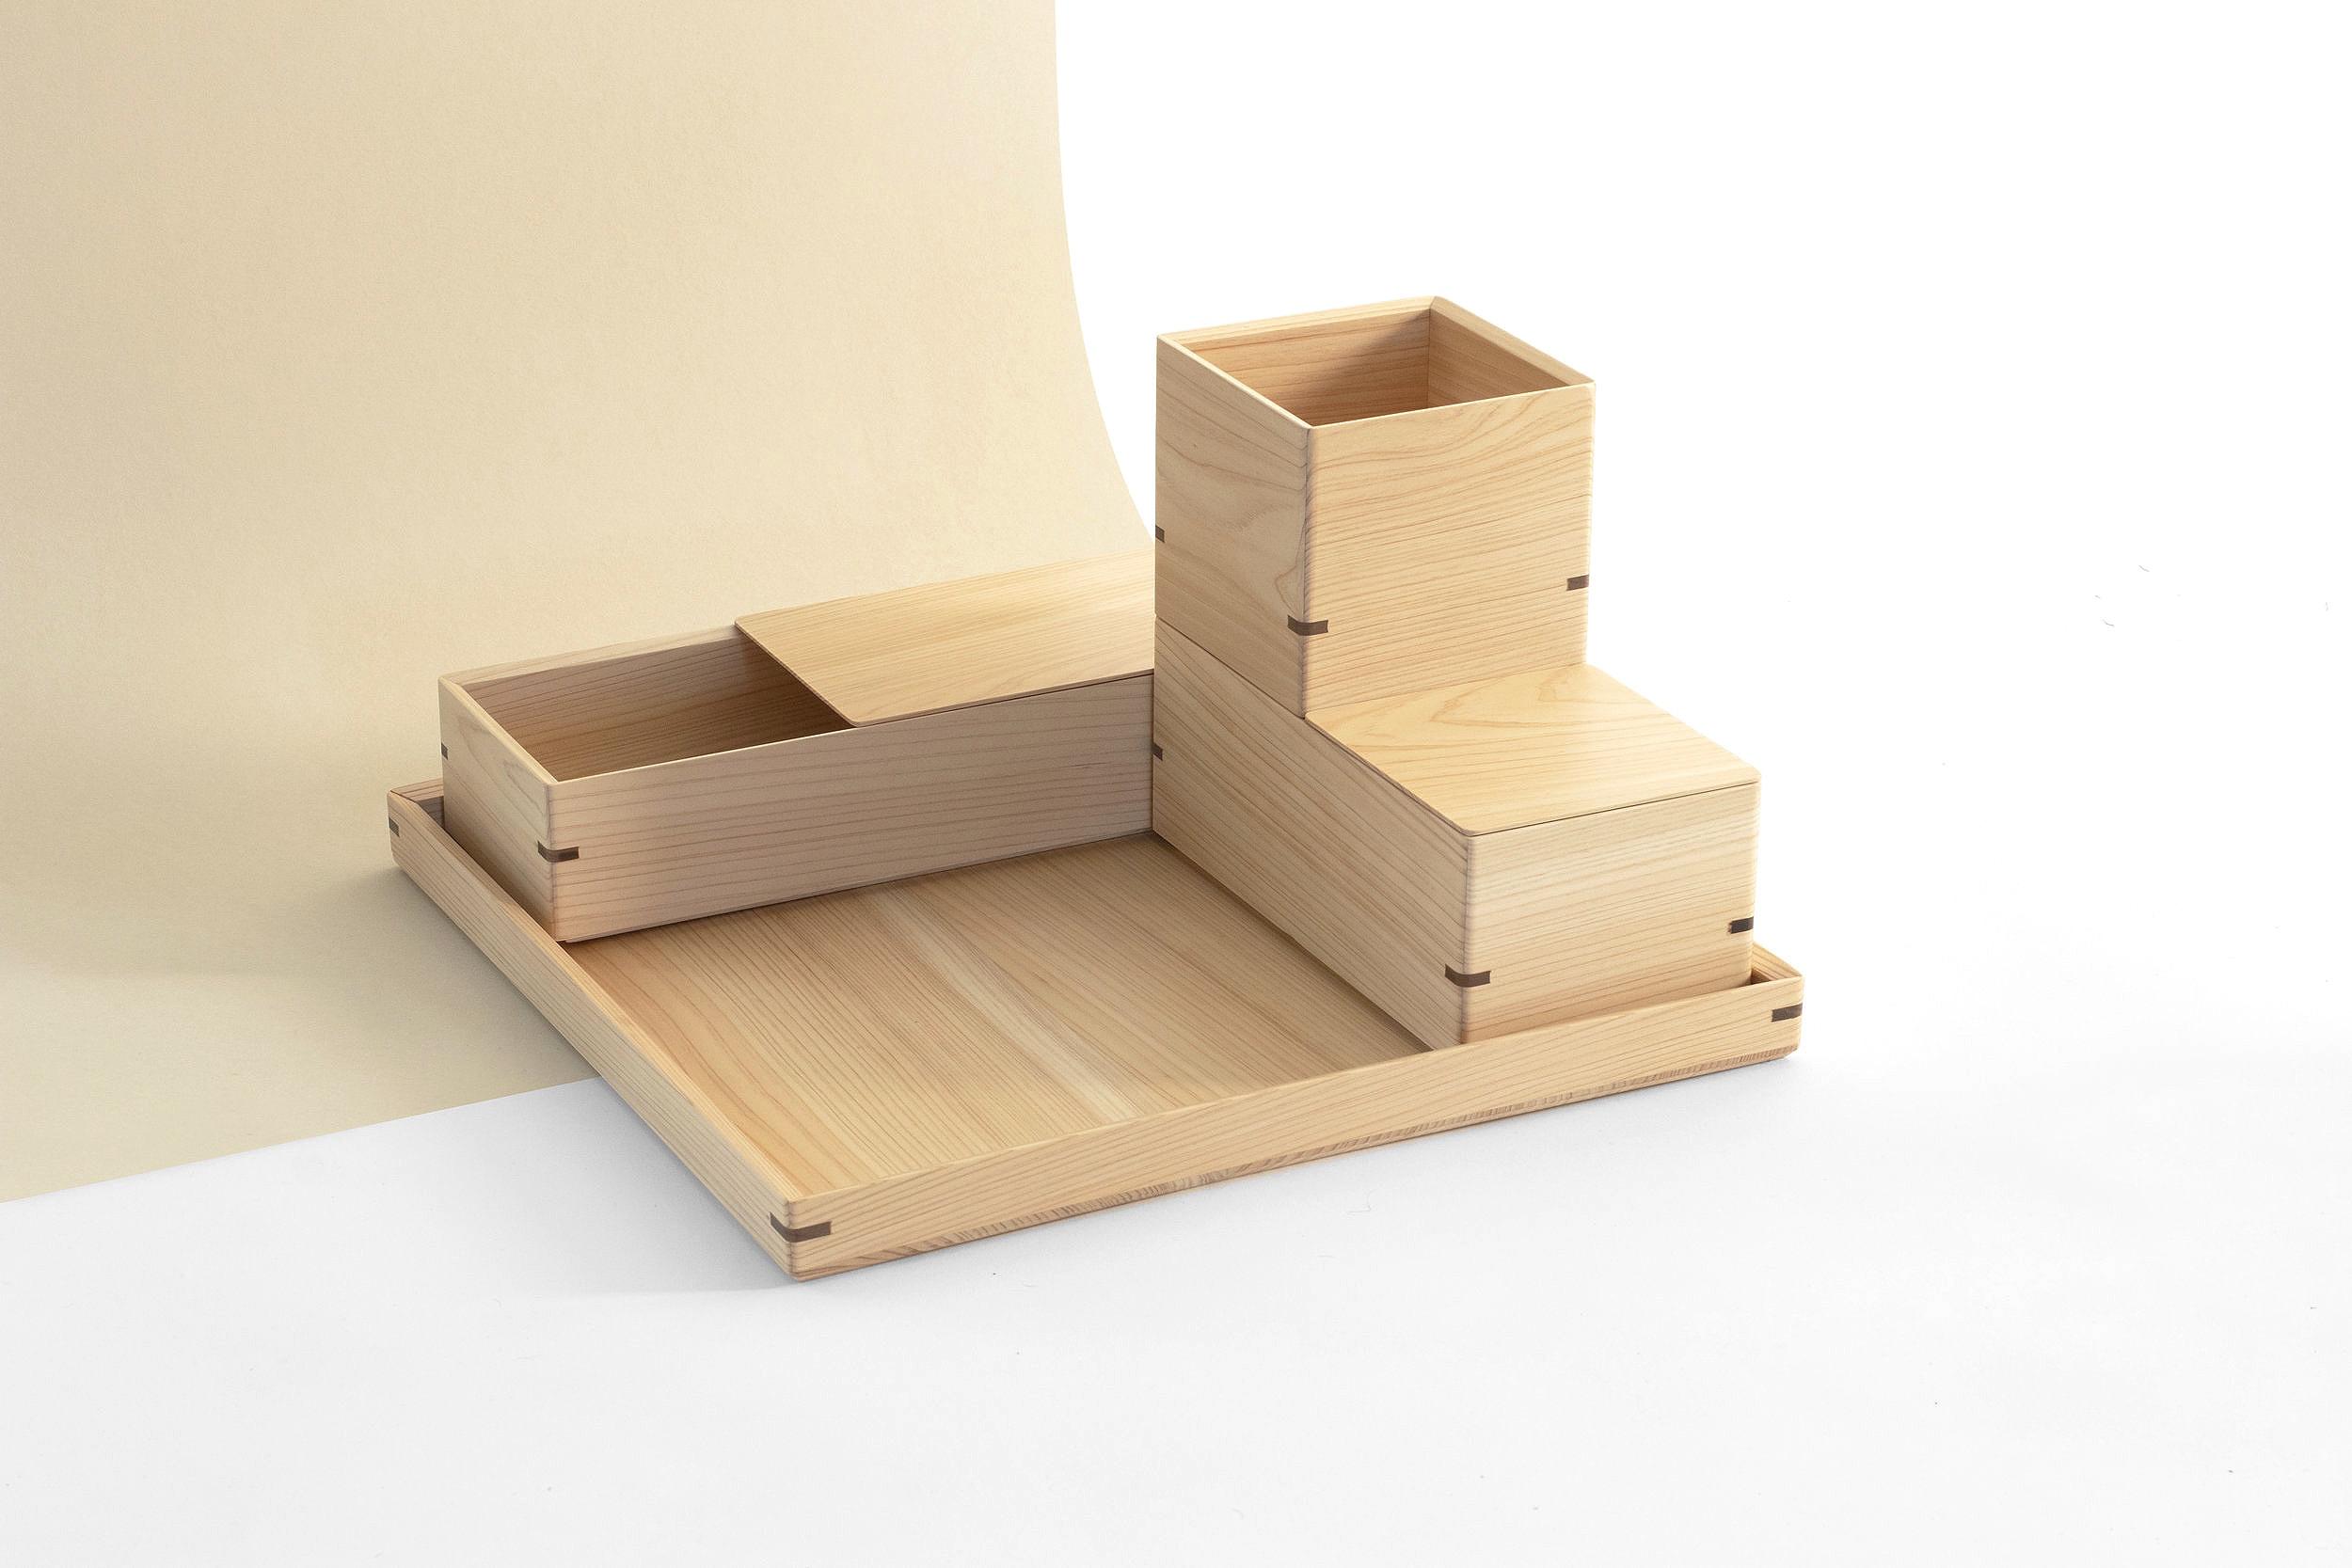 Atelier+Takumi+_+HAKO+Desk+storage+set+-+crafted+by+Toyooka+Craft+designed+by+Flavien+Delbergue3.jpg